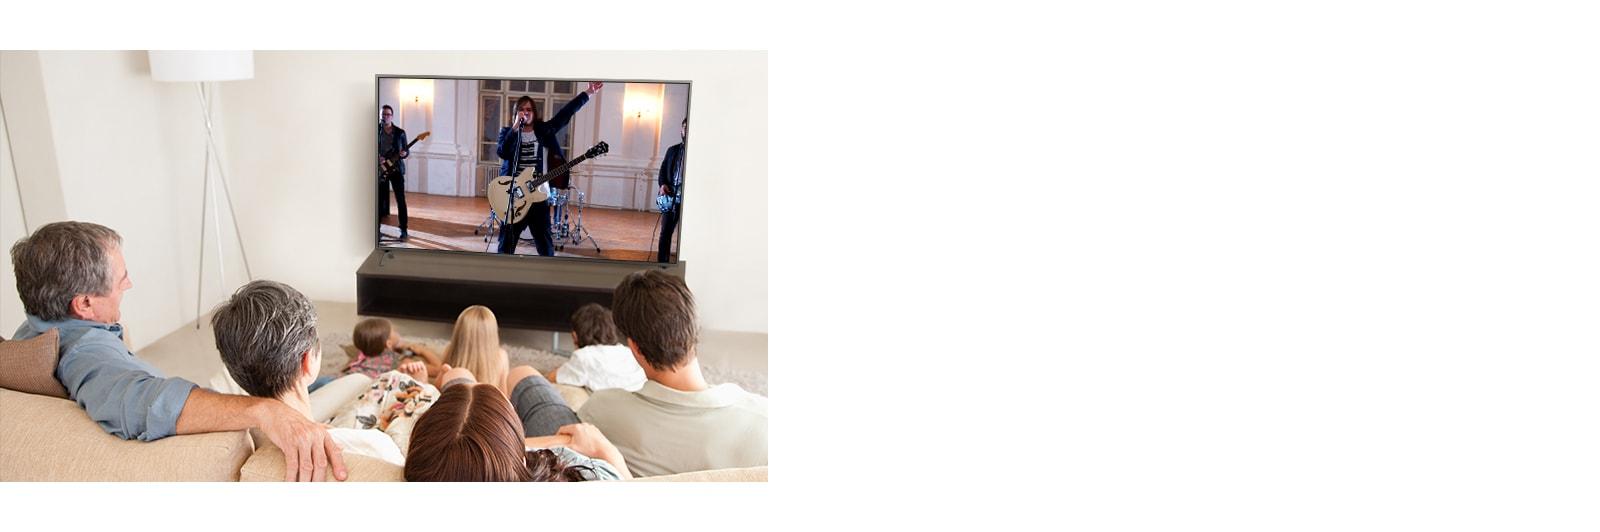 A héttagú család összegyűlt a nappaliban, hogy filmet nézzen. A TV képernyőjén egy zenekar játszik.